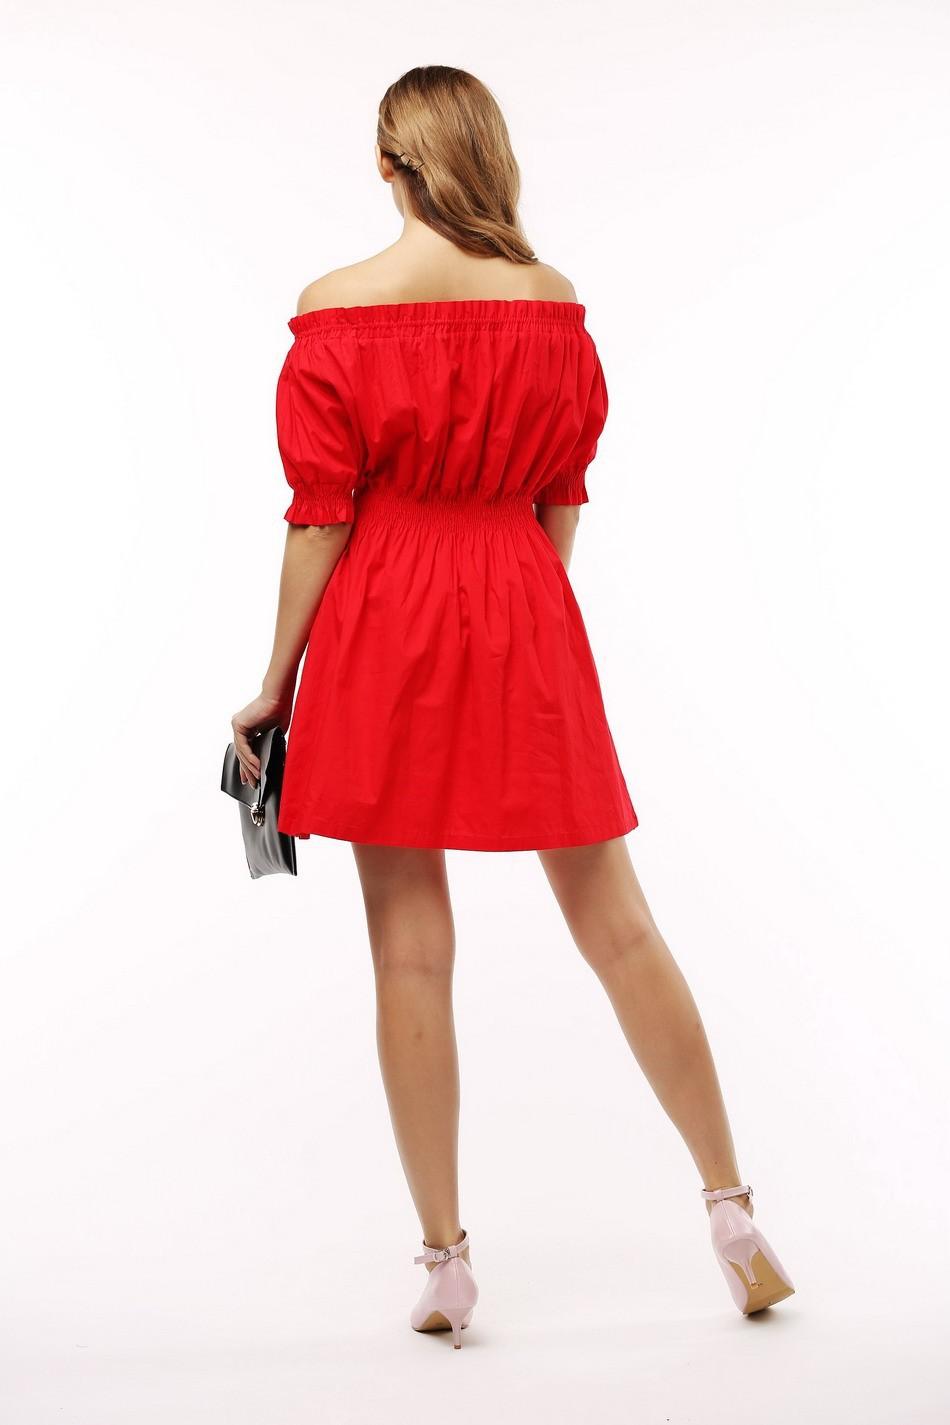 100% bawełna nowy 2017 jesień lato kobiety dress krótki rękaw casual sukienki plus size vestidos wc0380 8